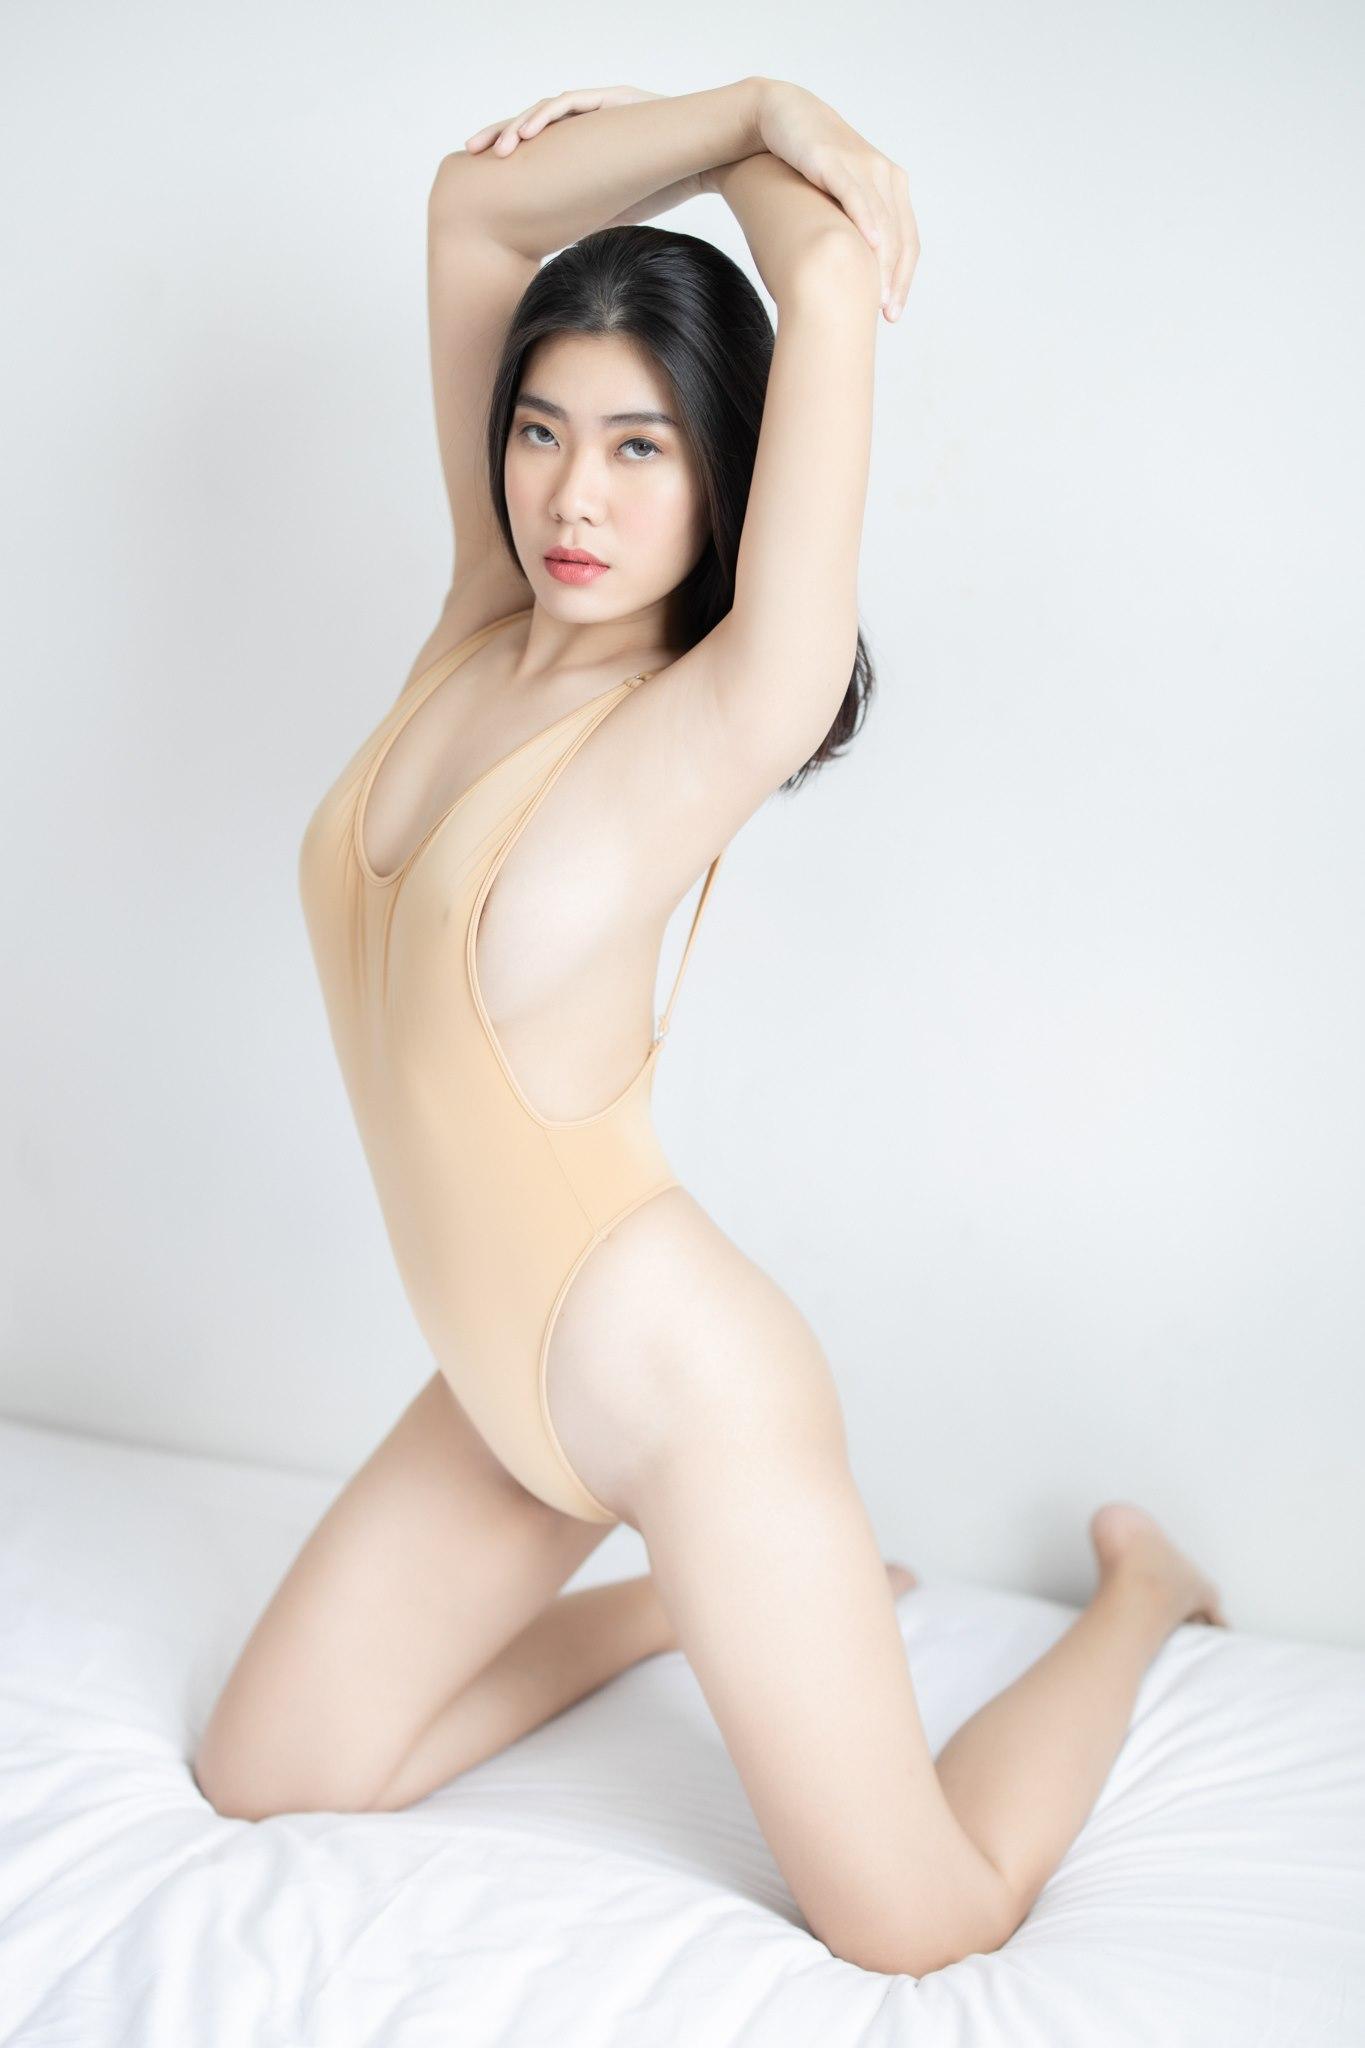 วาร์ปเสียว วาร์ปเด็ด ลูกตาล นางแบบเซ็กซี่